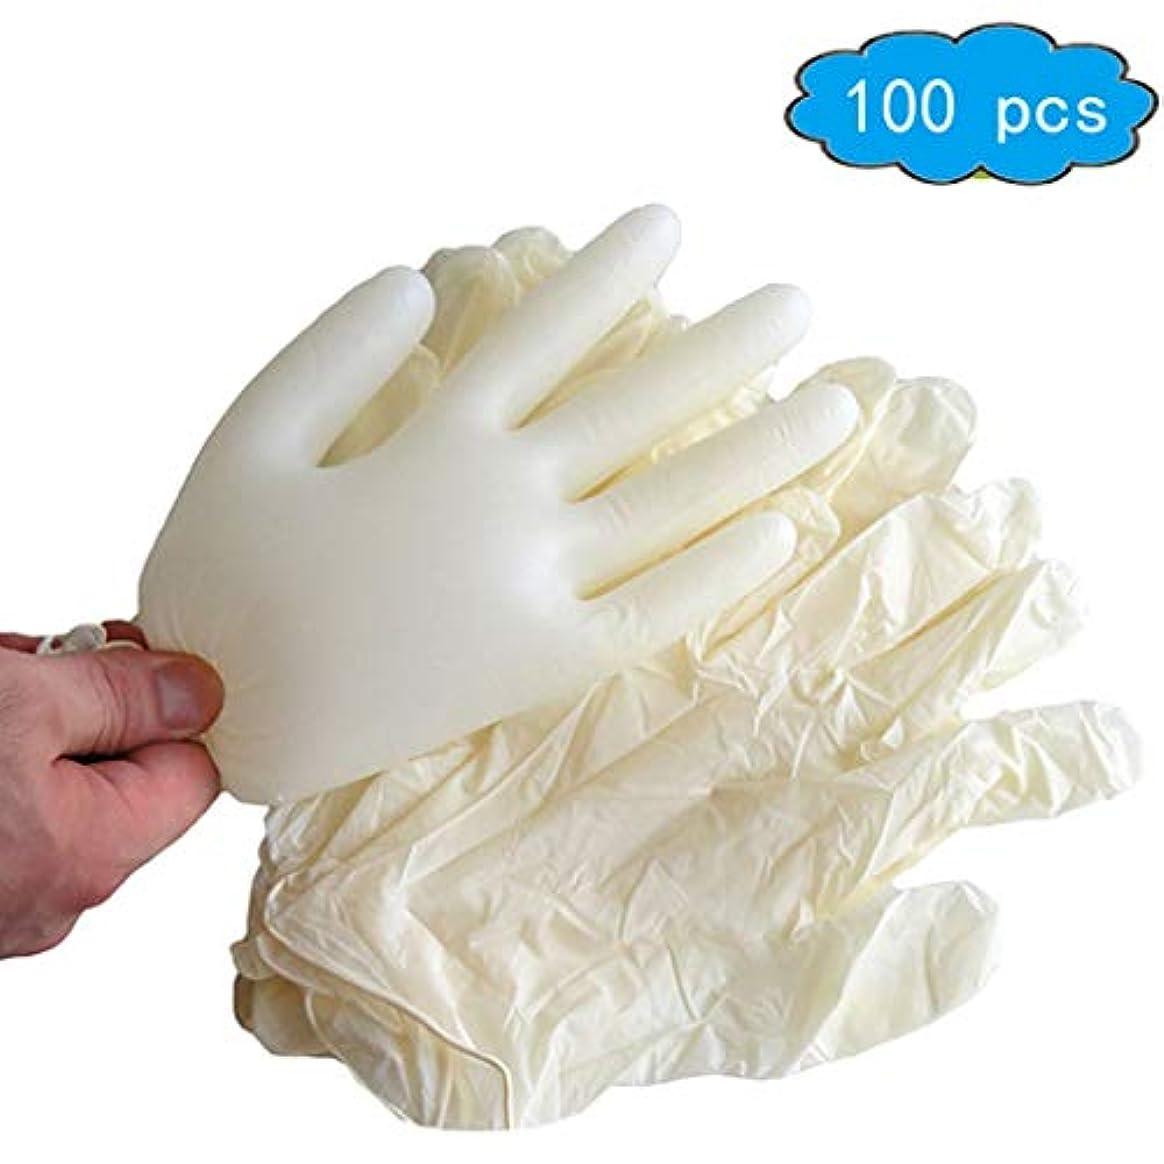 受付比喩床を掃除する使い捨てラテックス手袋、医療用グレード、パウダーフリー、食品安全(100箱) (Color : Beige, Size : S)